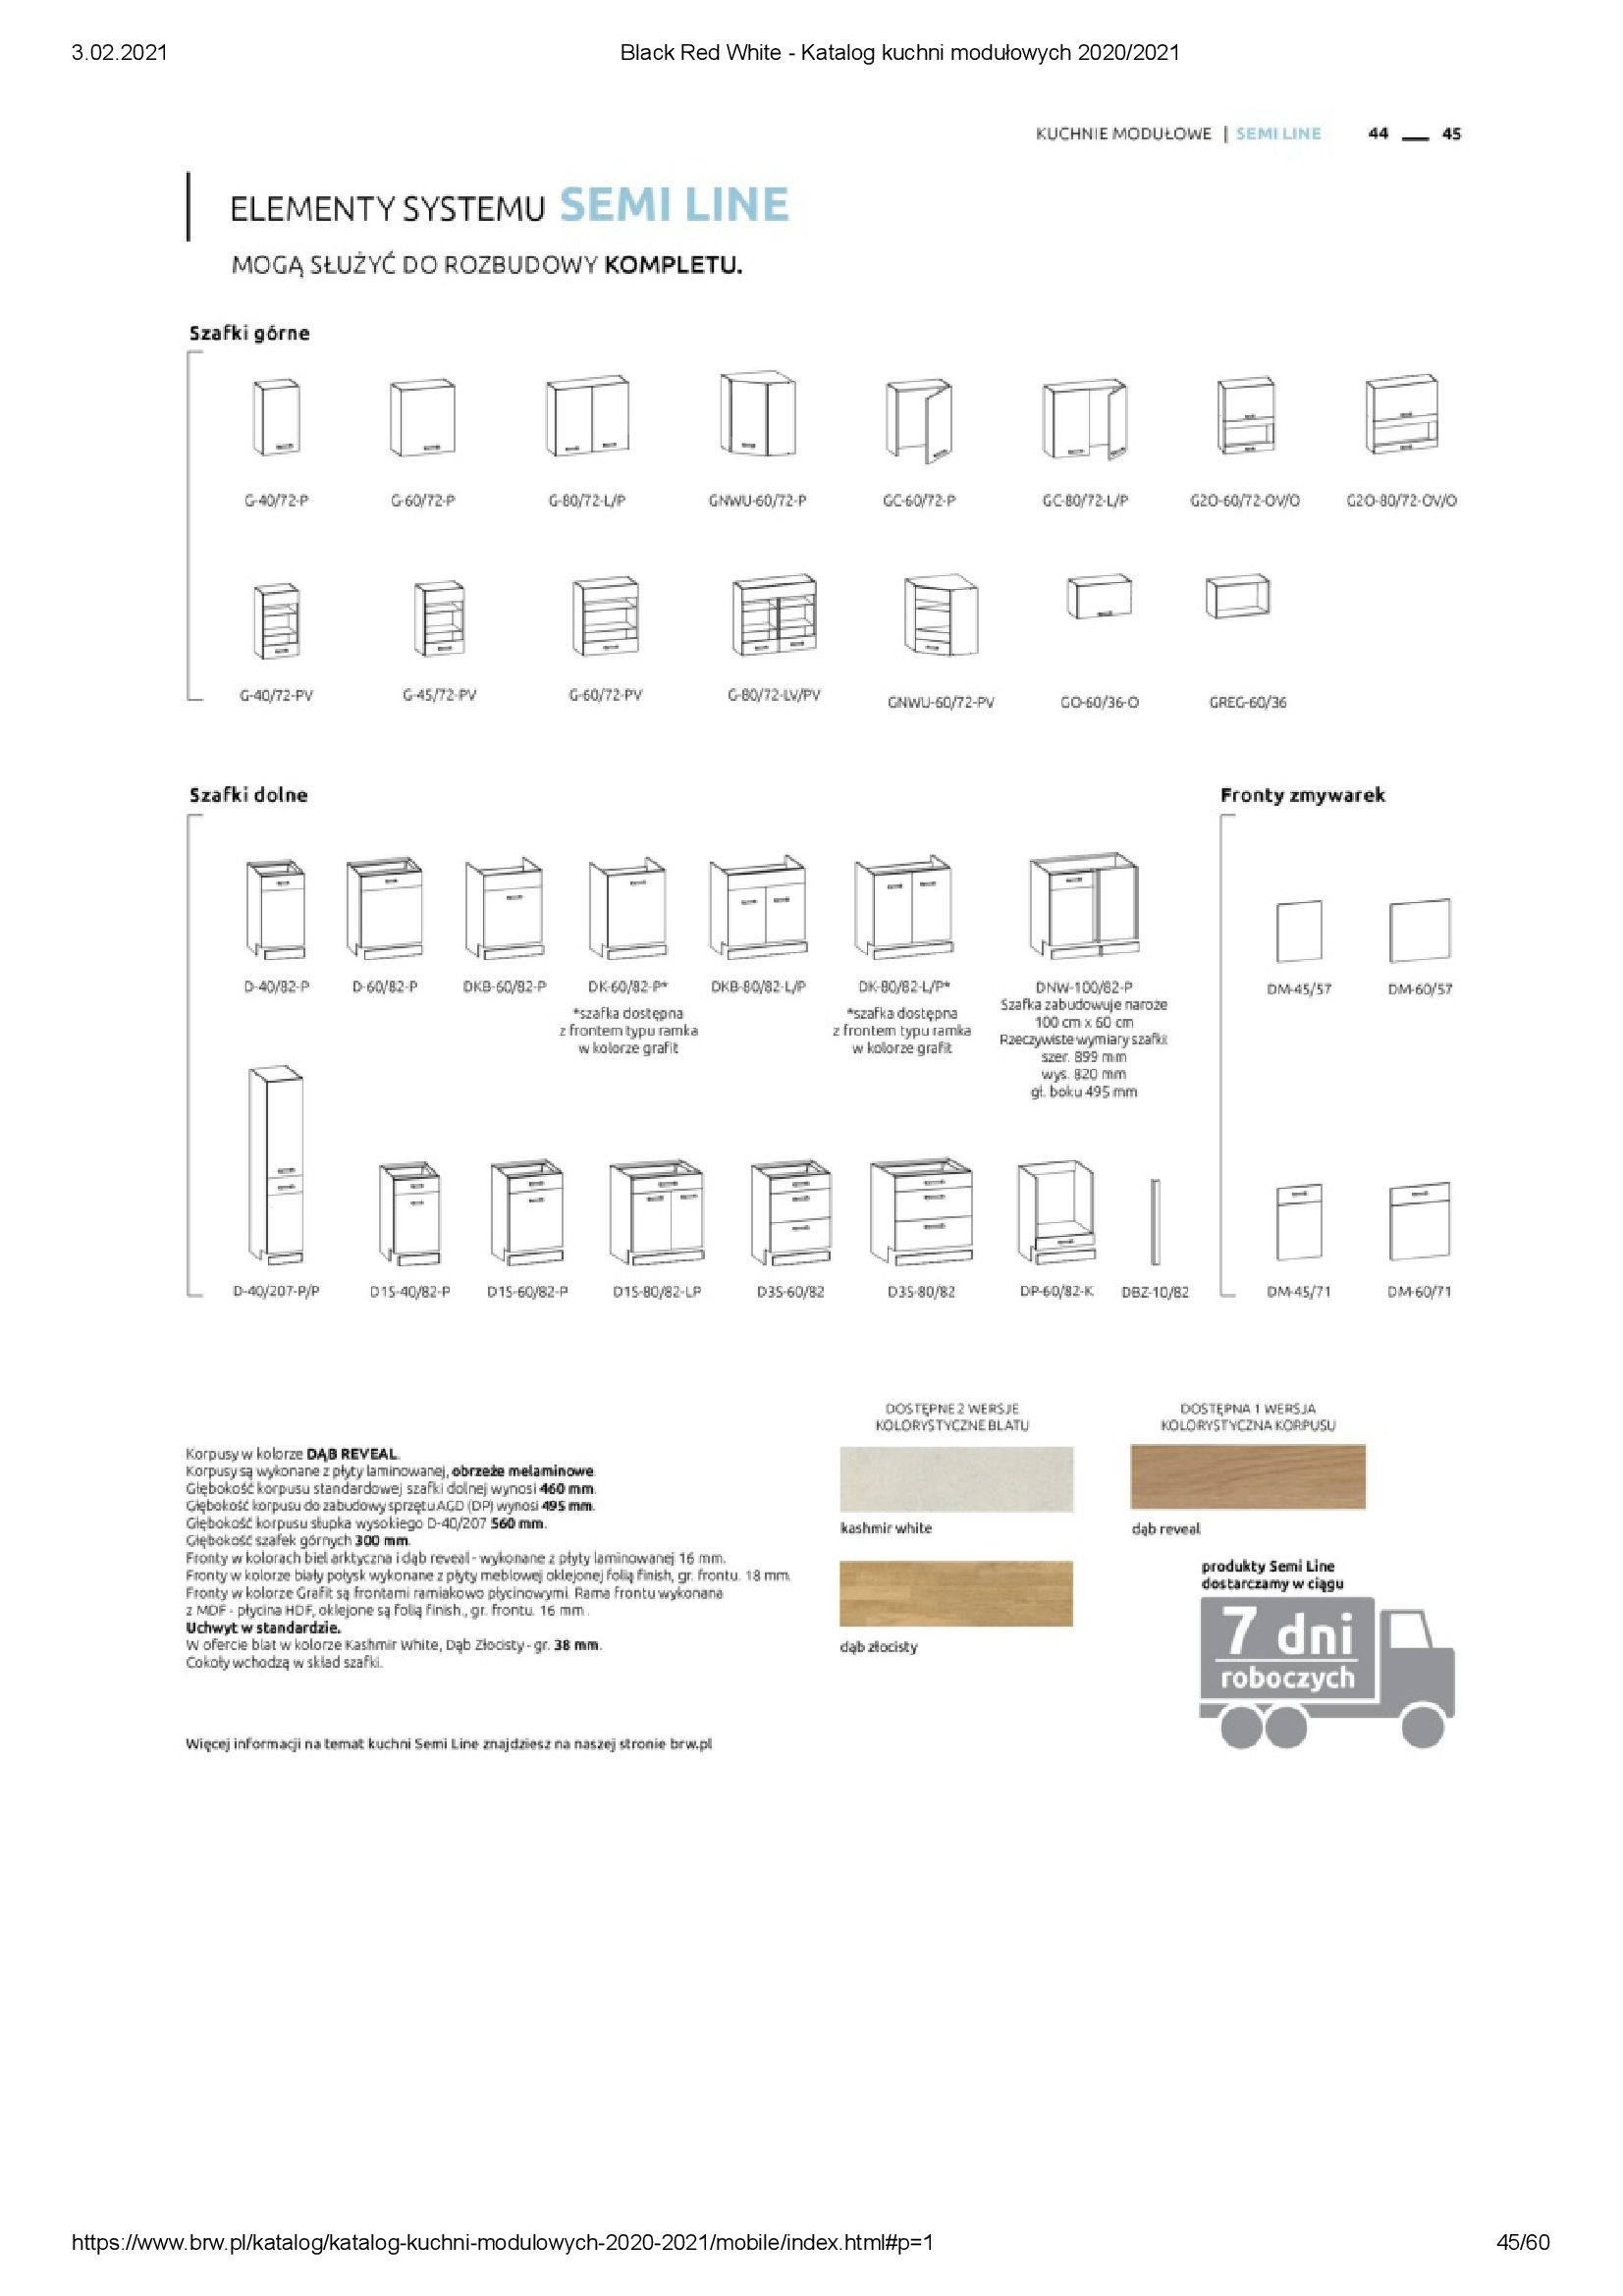 Gazetka Black Red White: Katalog - Kuchnie modułowe 2020/2021 2021-01-01 page-45